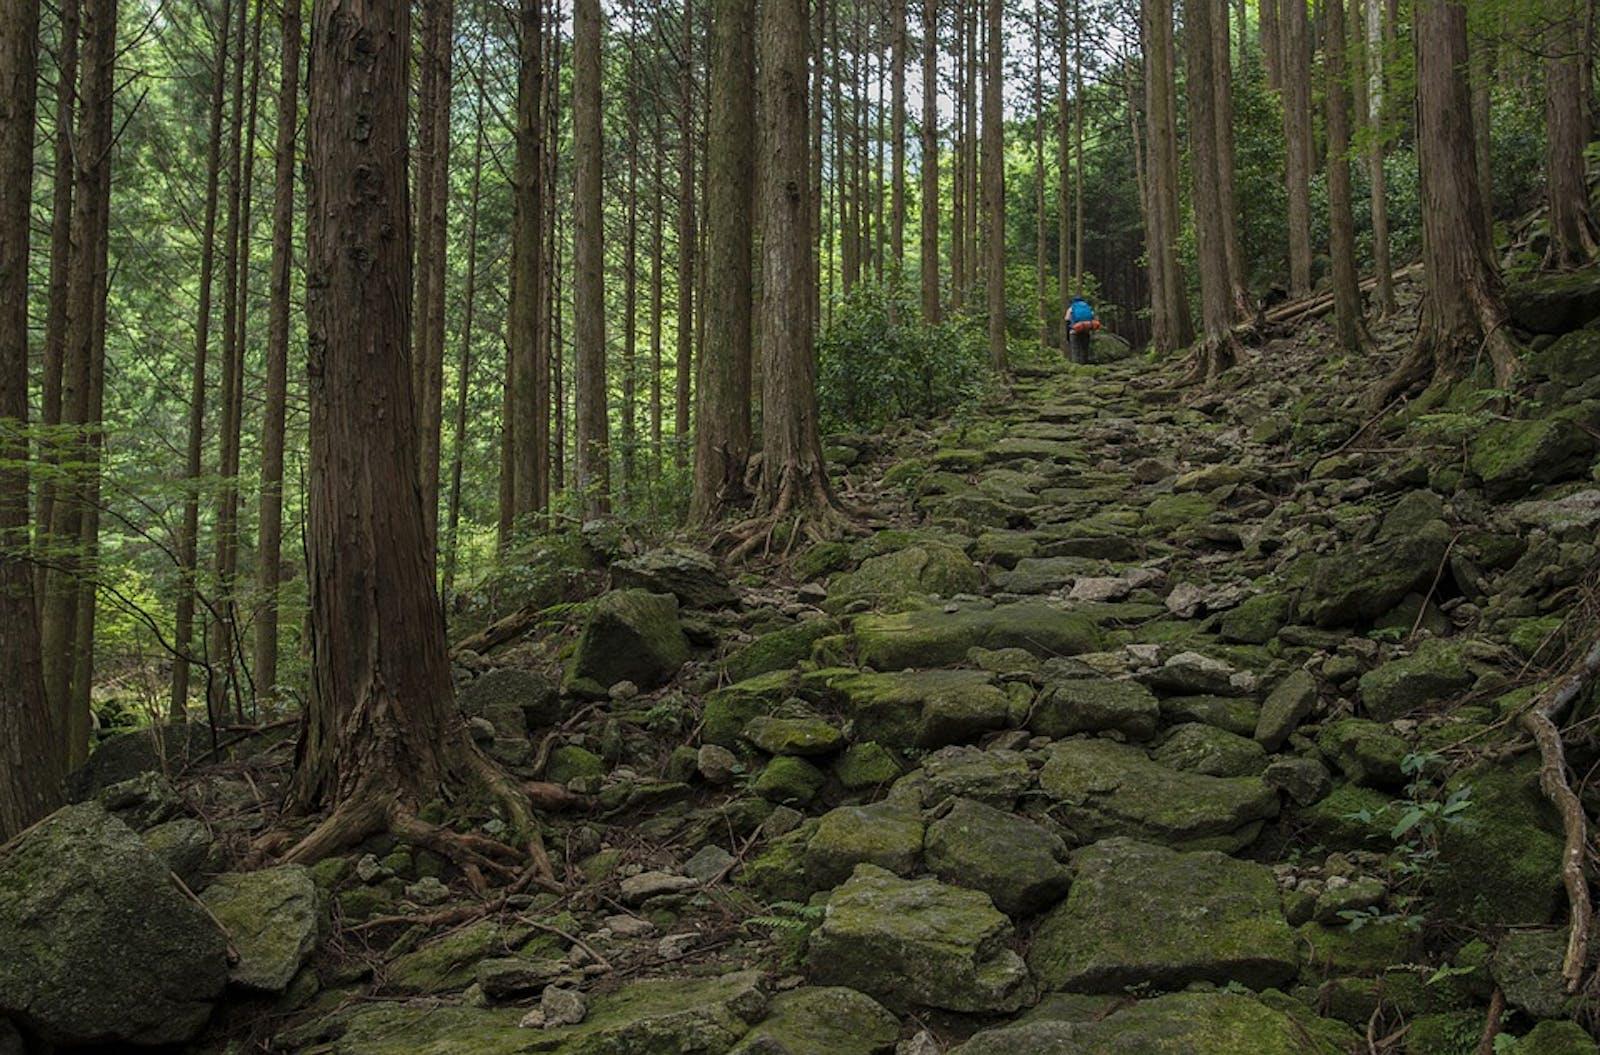 Taiheiyo Evergreen Forests